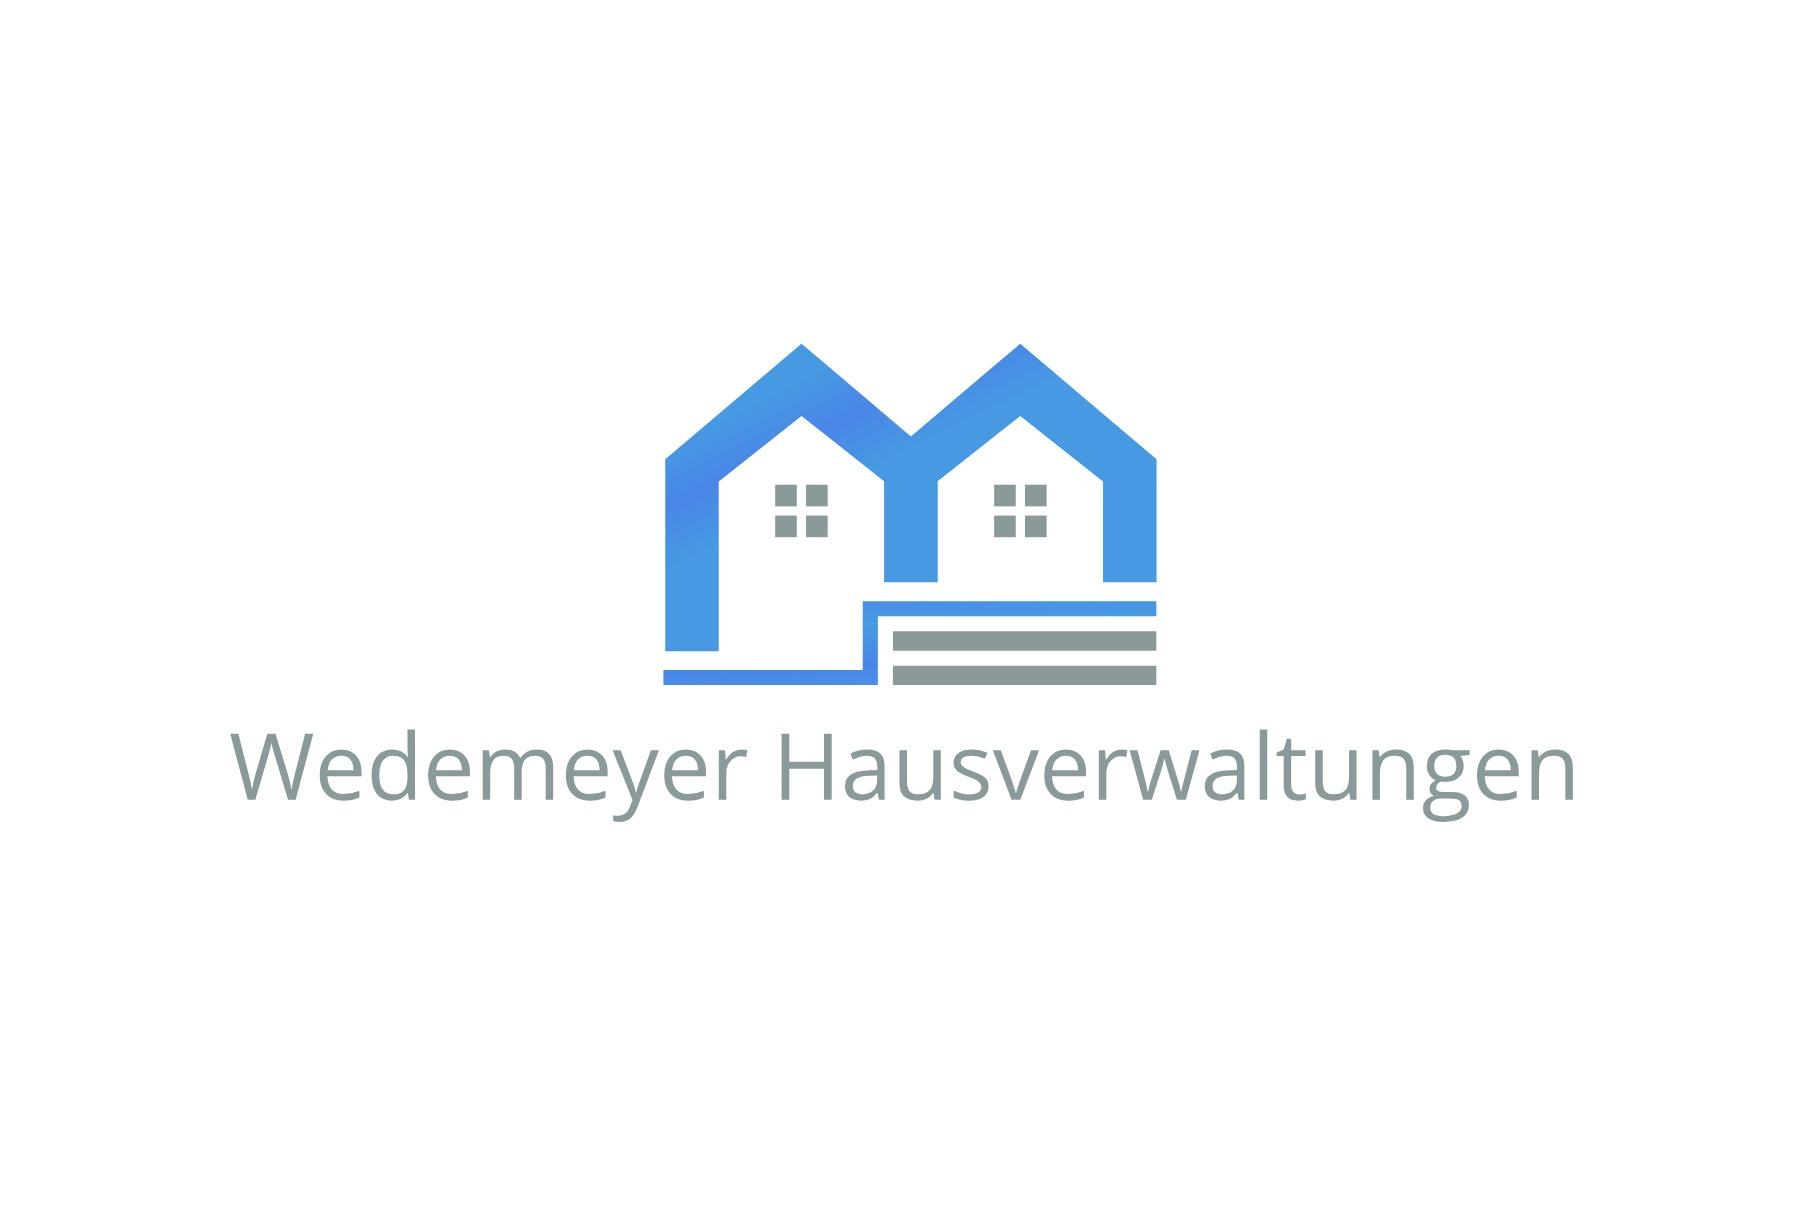 Wedemeyer Hausverwaltung in Hildesheim